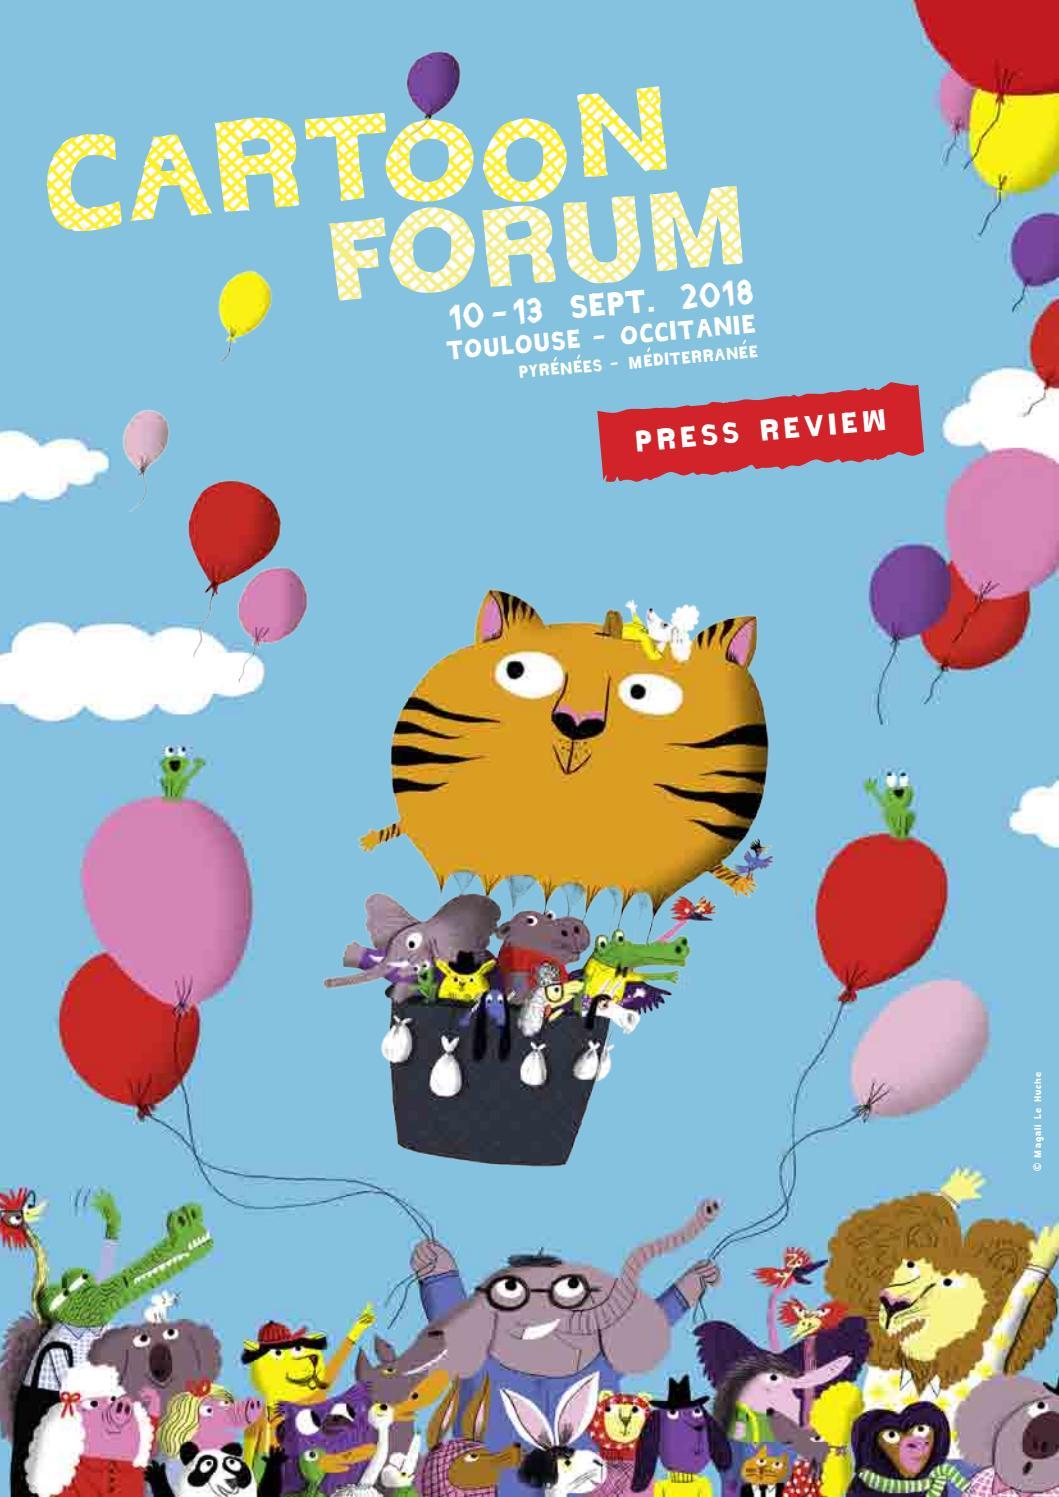 Le Jardin D été Carcassonne Nouveau Cartoon forum 2018 Press Review by Cartoon issuu